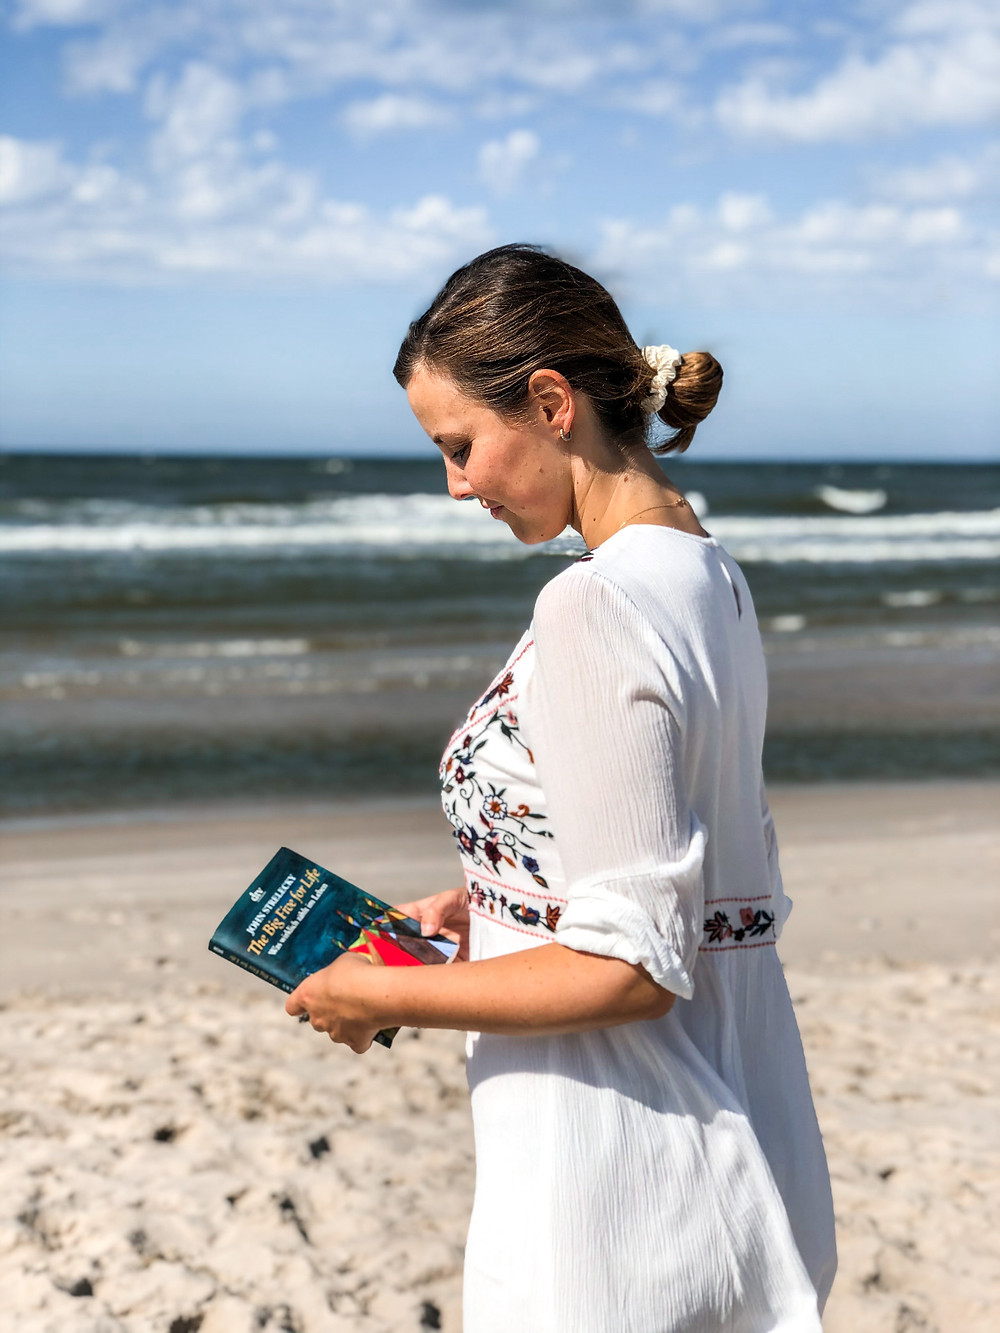 Das Buch The Big 5 for Life von John Strelecky ist ein absoluter Klassiker der Persönlichkeitsentwicklung und eines der meistgelesenen Bücher in Deutschland.